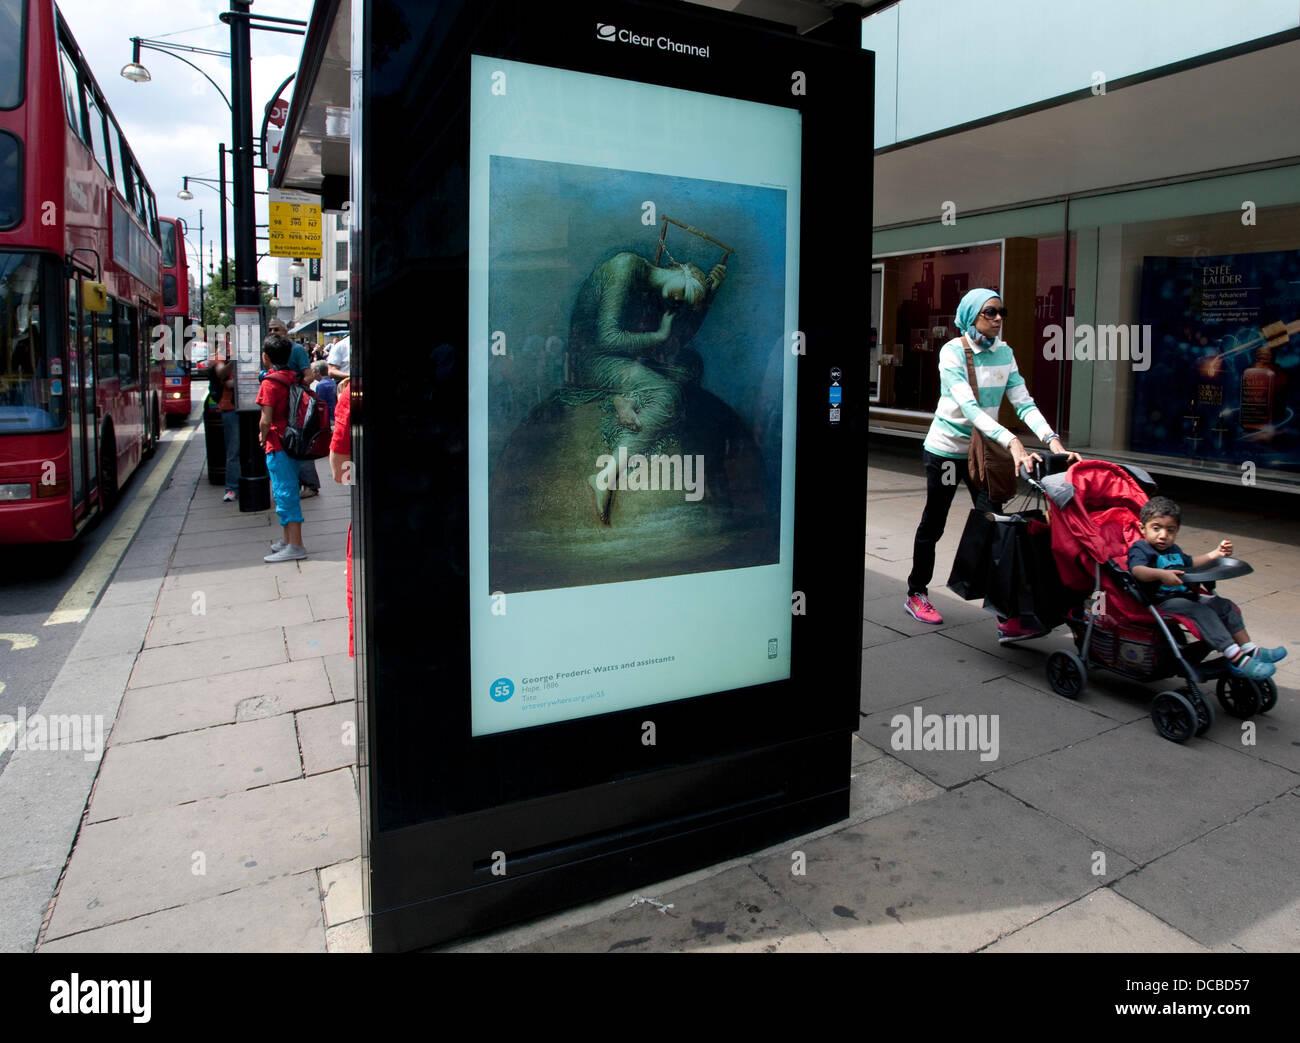 Londra 14/08/13: i visitatori a John Lewis sezione di Oxford Street possono godere gratuitamente una raffinata arte Foto Stock